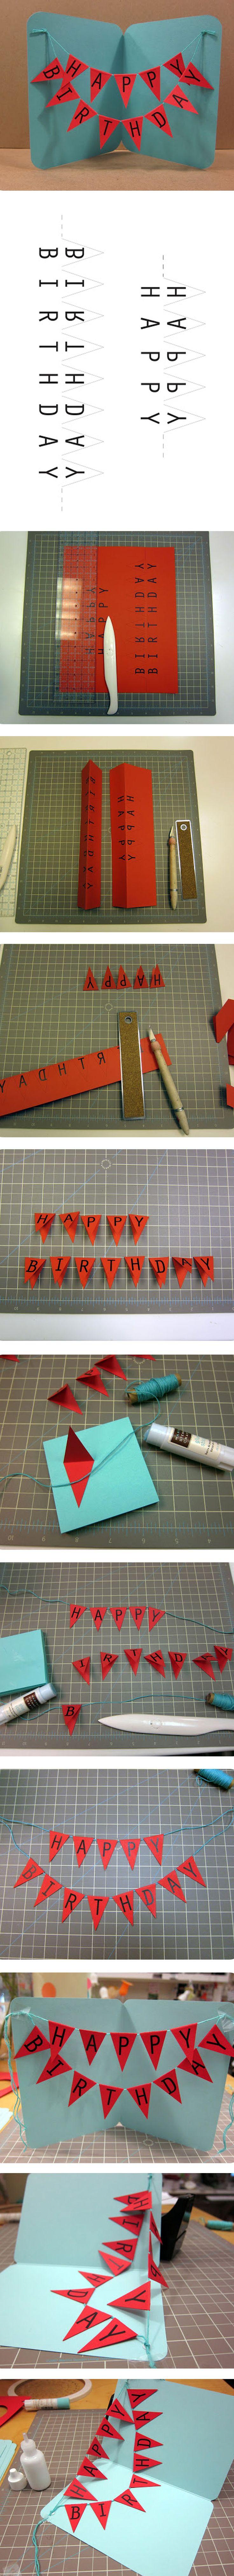 Tegenwoordig sturen wij nog maar weinig verjaardagskaartjes. Toch is het heel leuk om op heel originele wijze een kaartje te maken. Op www.budgi.nl staan alle tips voor een leuke verjaardagskaart. #verjaardag #ballon #origineel #creatief #diy #budget #lijm #papier #karton #budgi